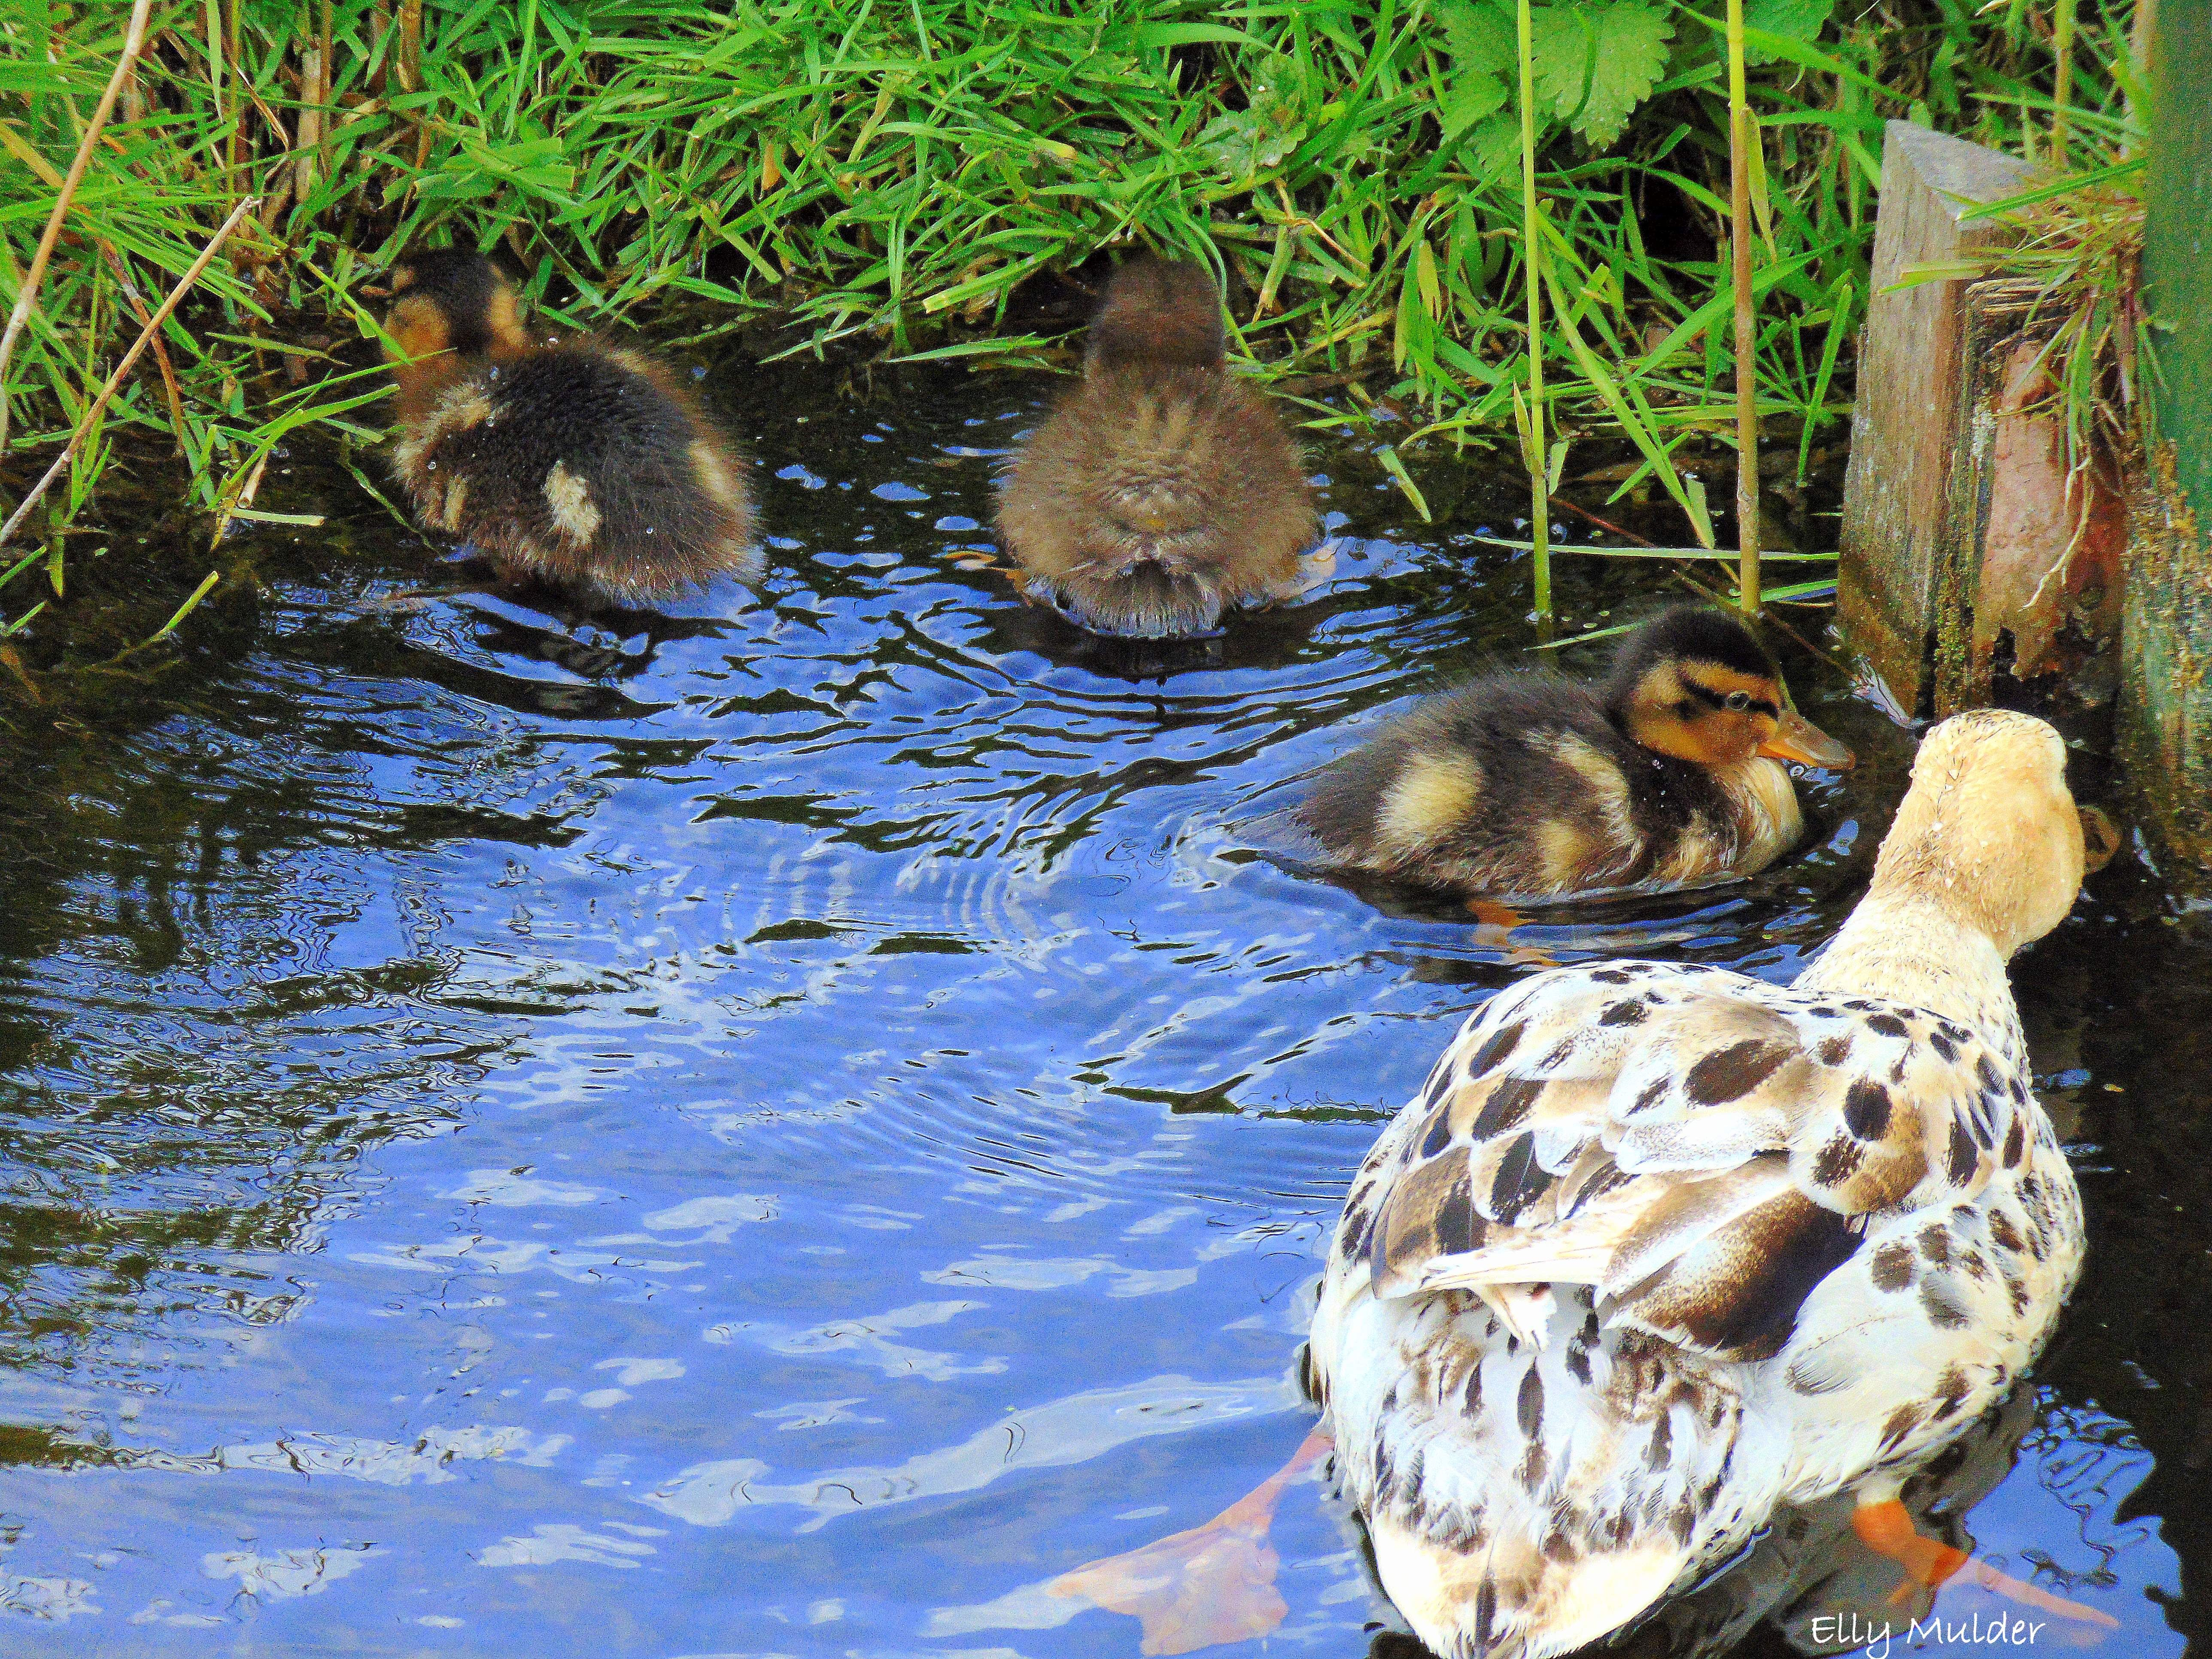 #fotografie #natuur #nature #eendjes #baby #duck #water #voorjaar #spring